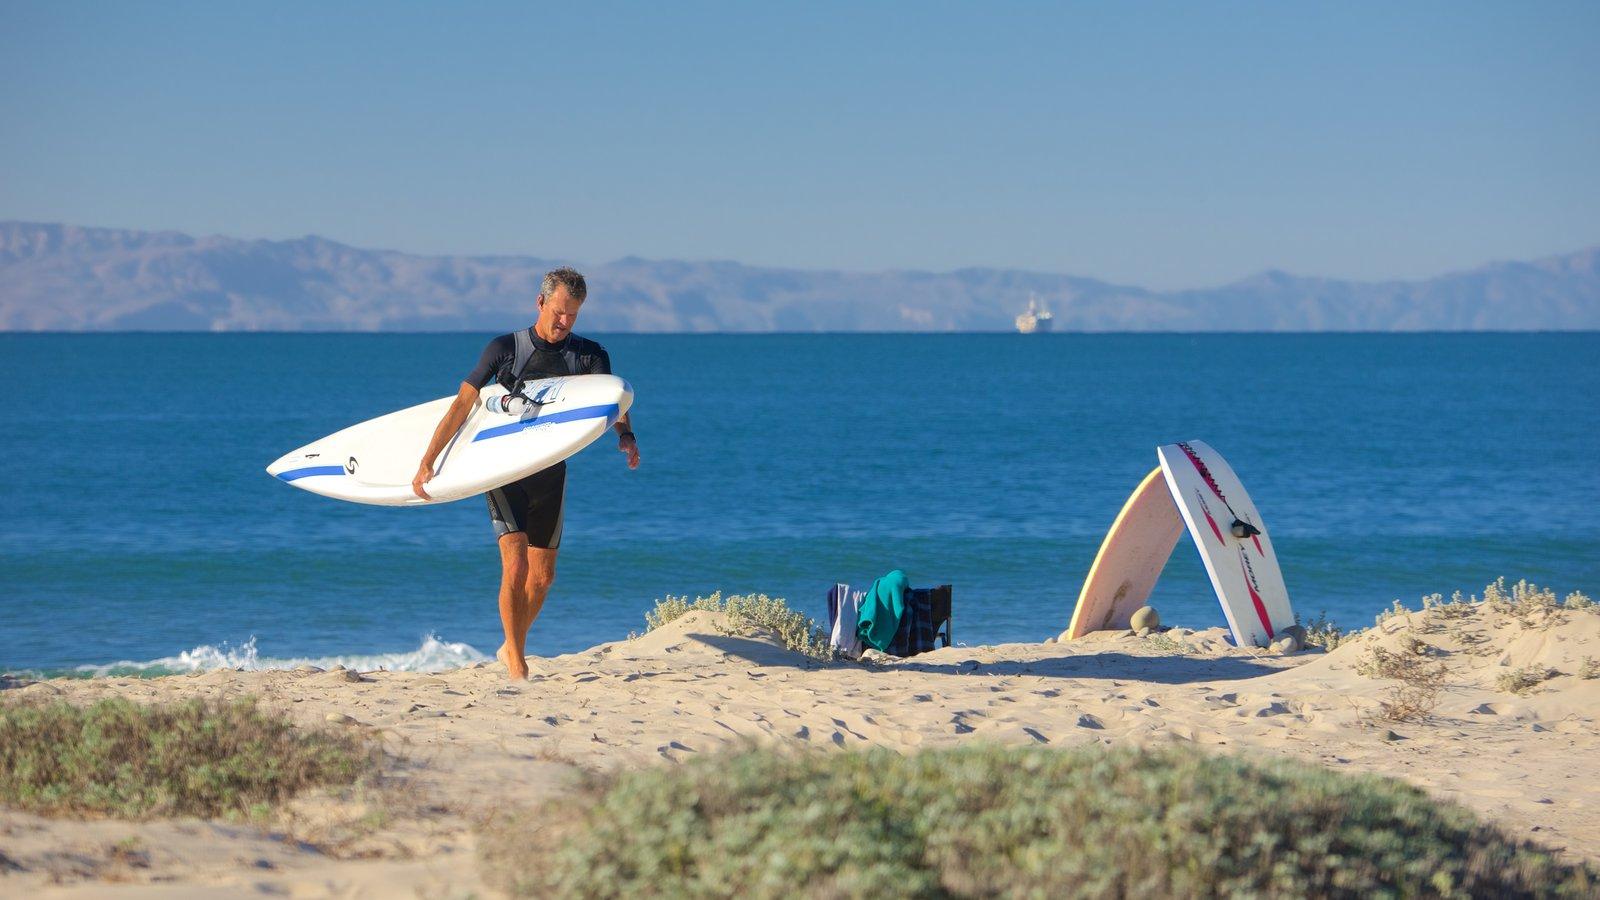 Ventura mostrando surfe e paisagens litorâneas assim como um homem sozinho